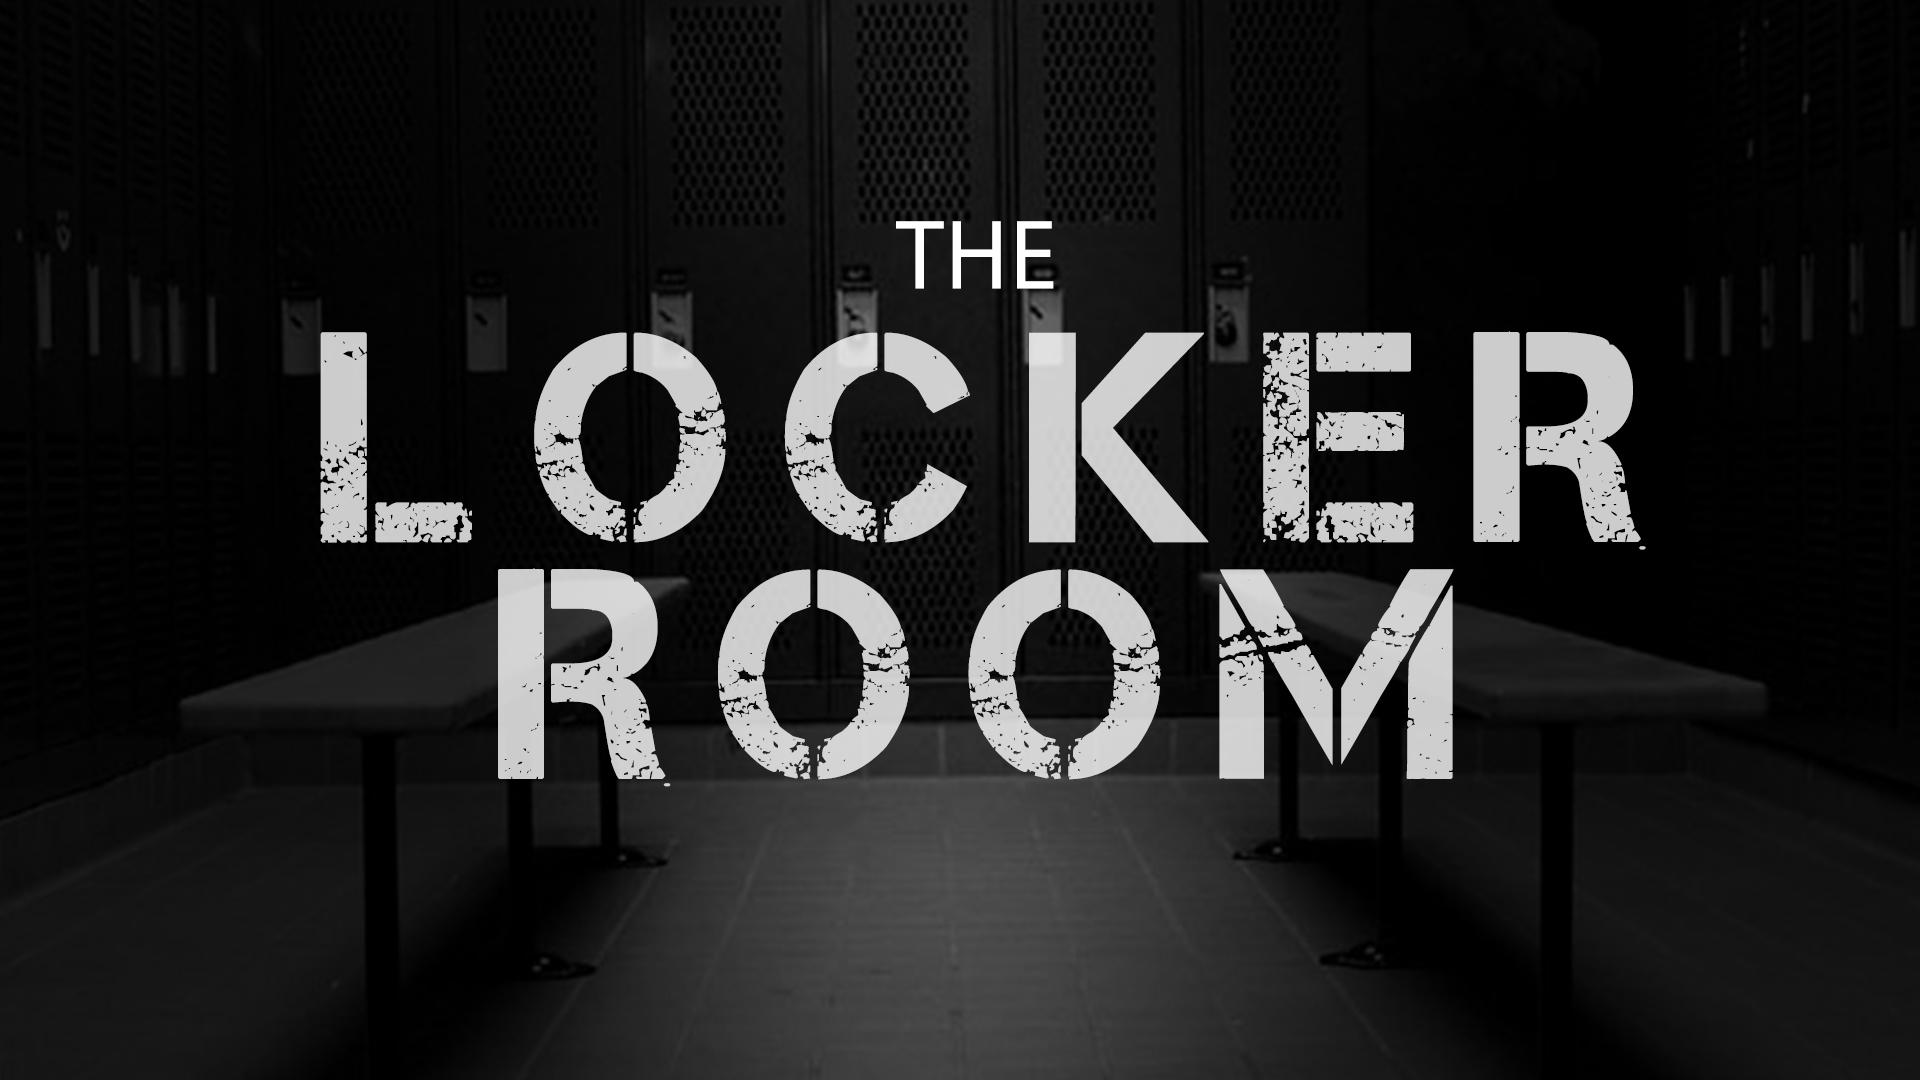 Locker room bg for kevin